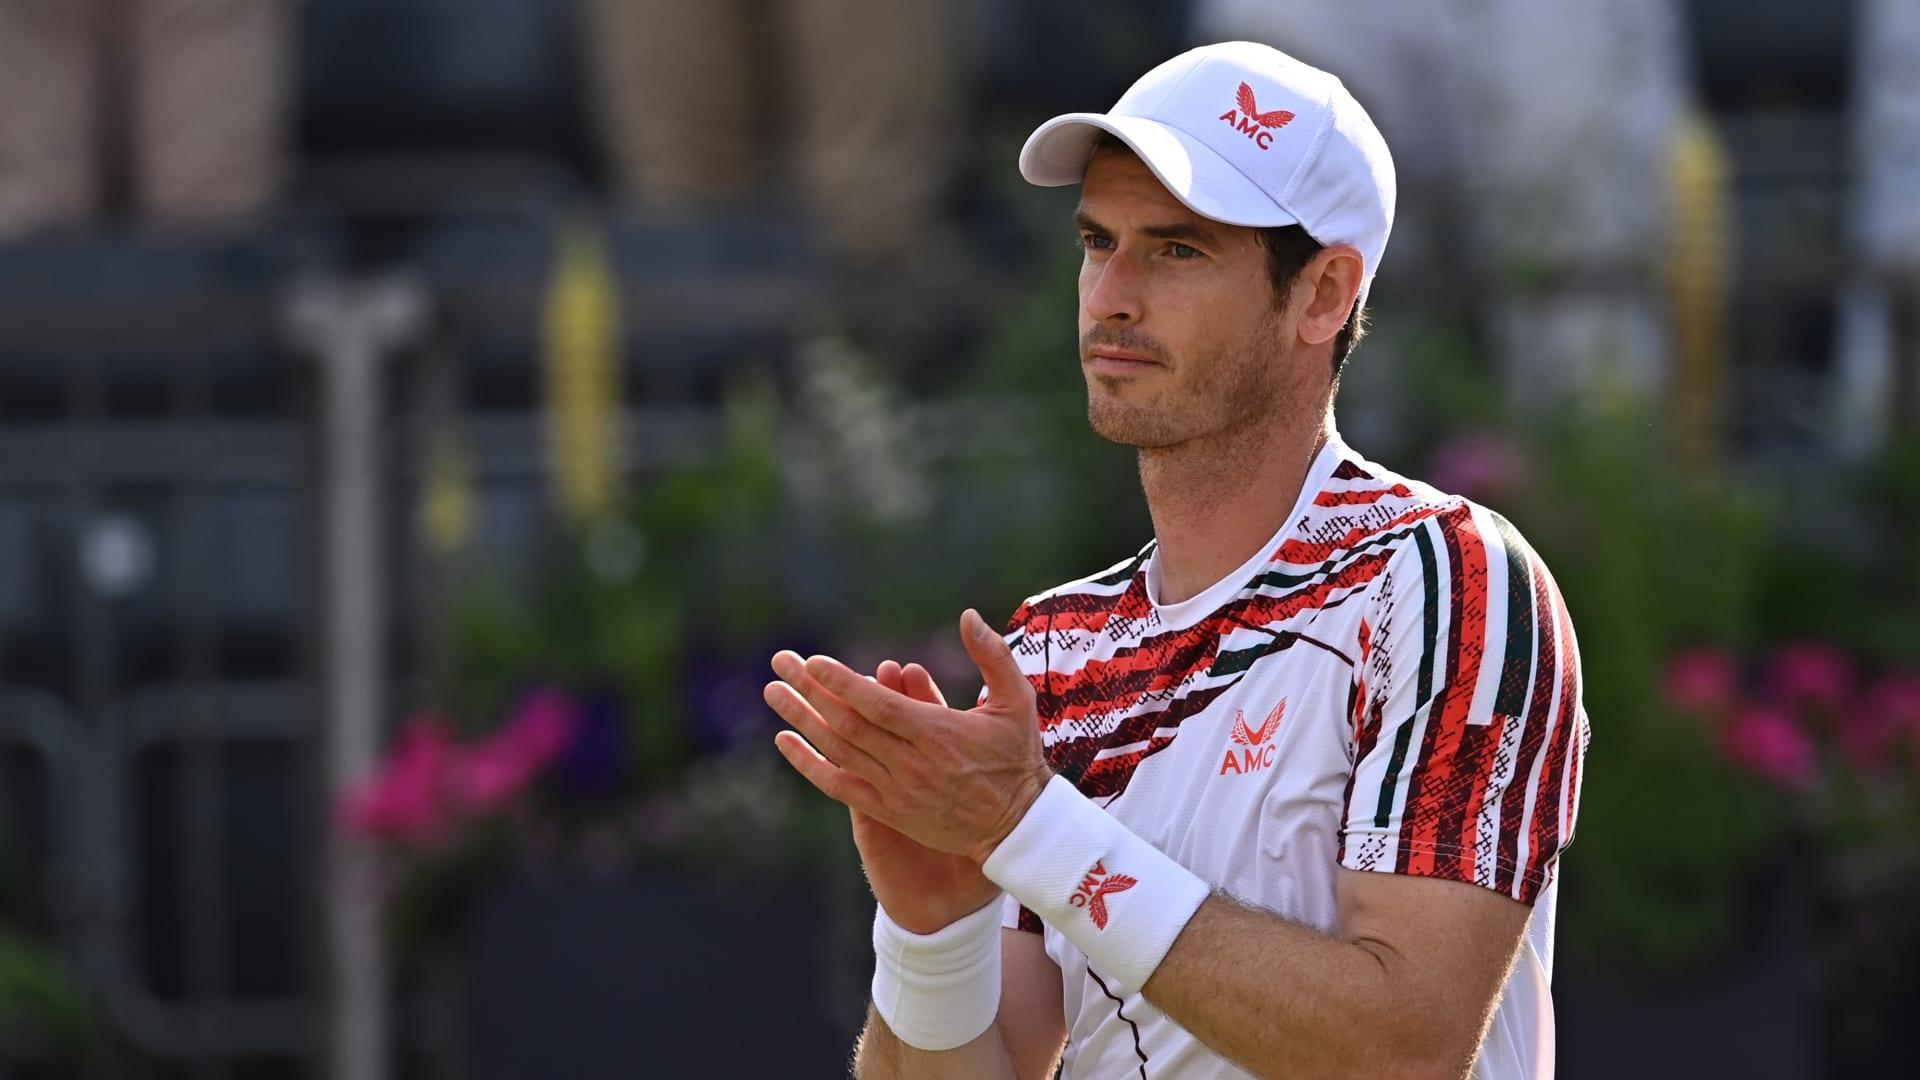 vjhx4qrtseuwnuuspalx - Murray ni mogel skriti čustev po prvi zmagi na travnati podlagi v treh letih